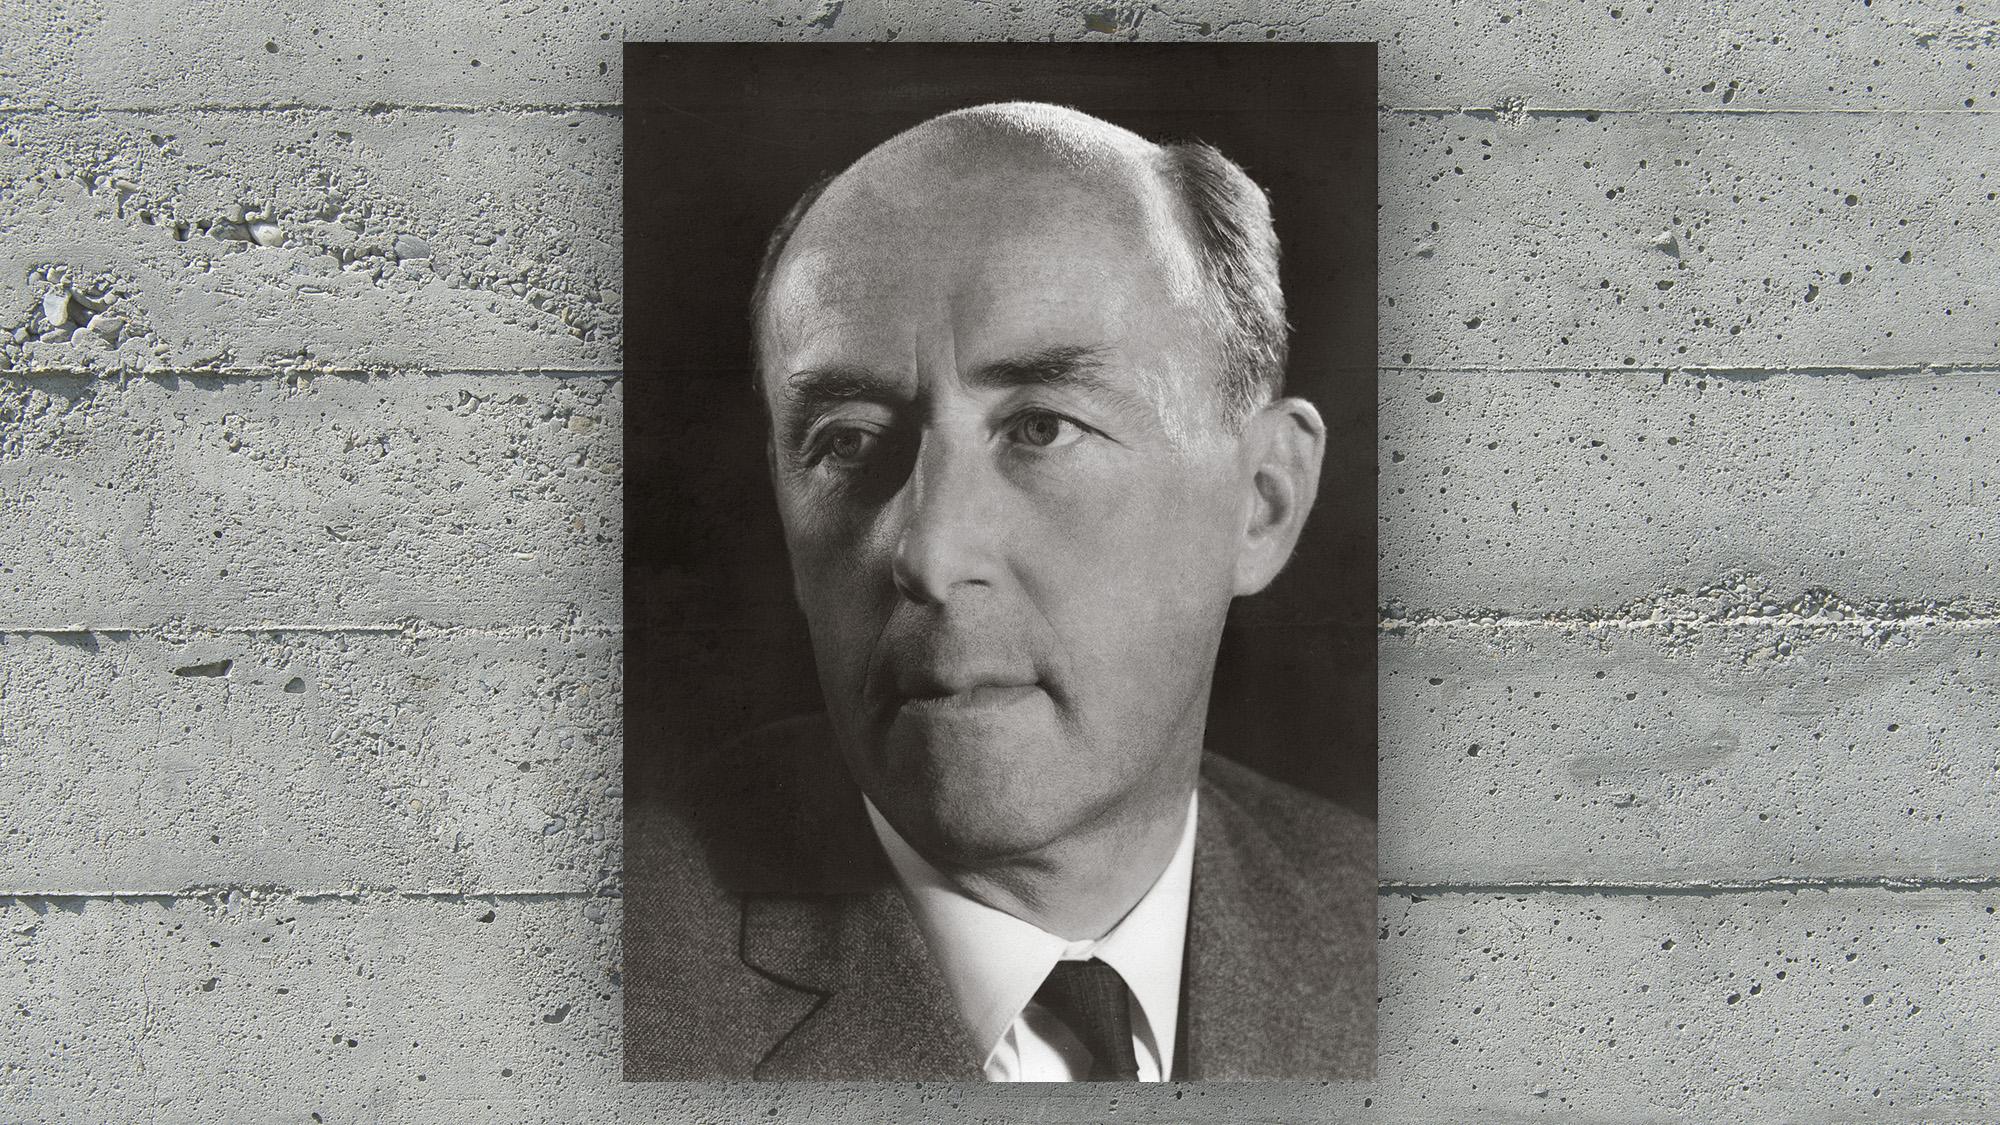 Walter Adolf Jöhr